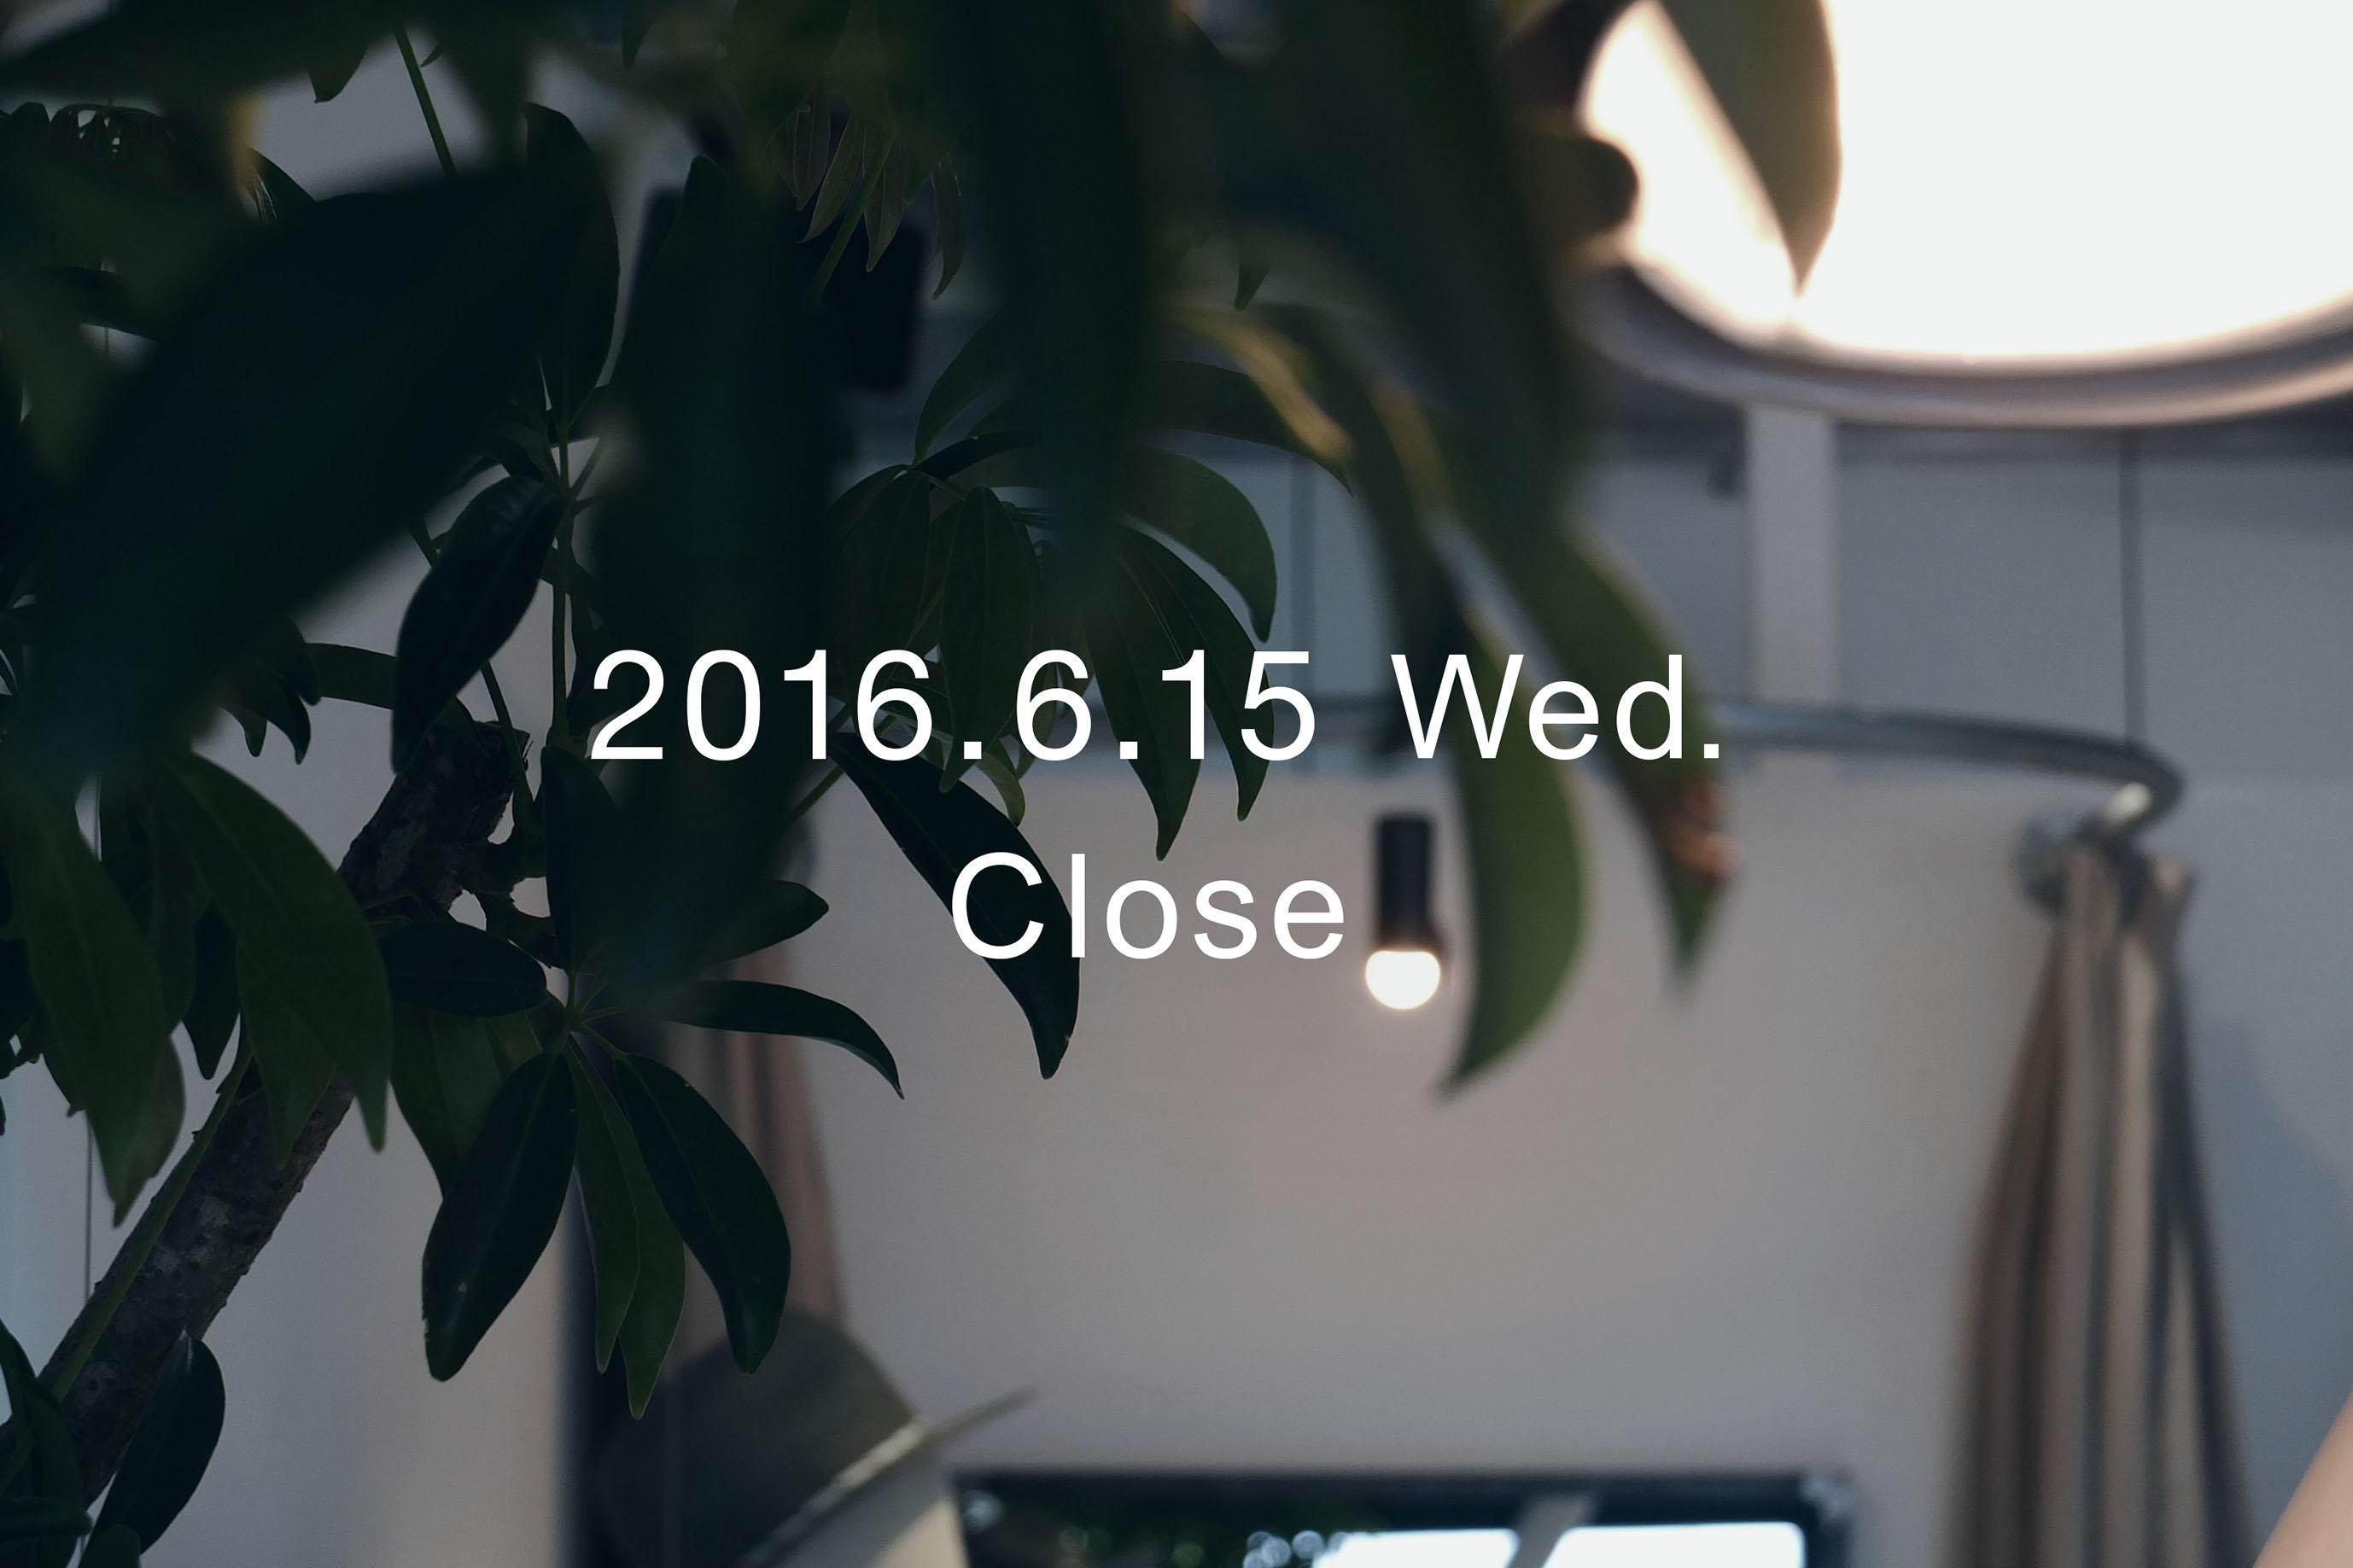 SS-Close_20160615